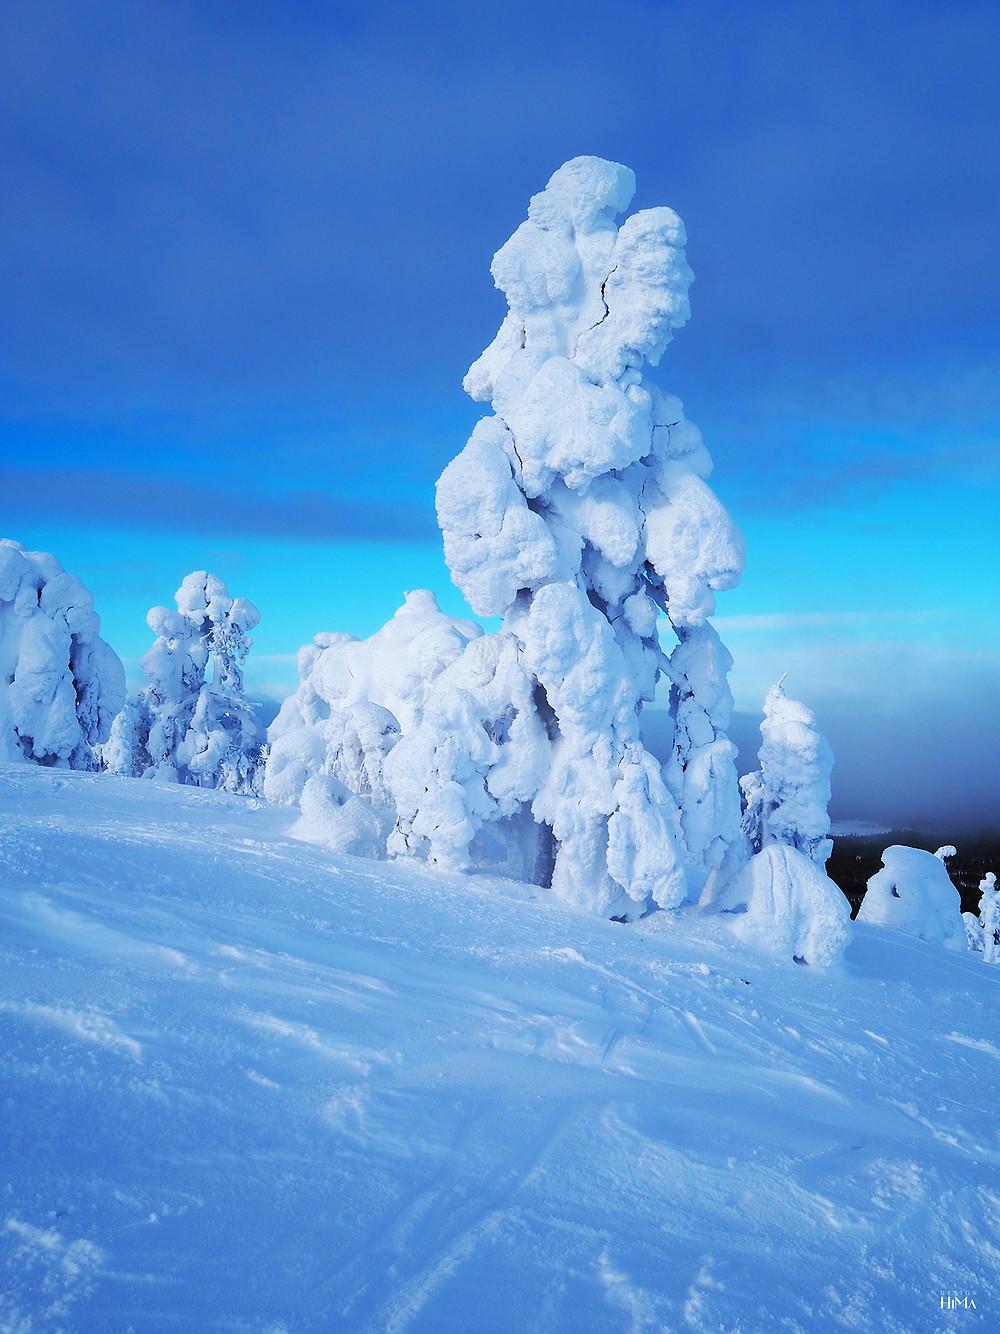 Pyhä luminen mänty